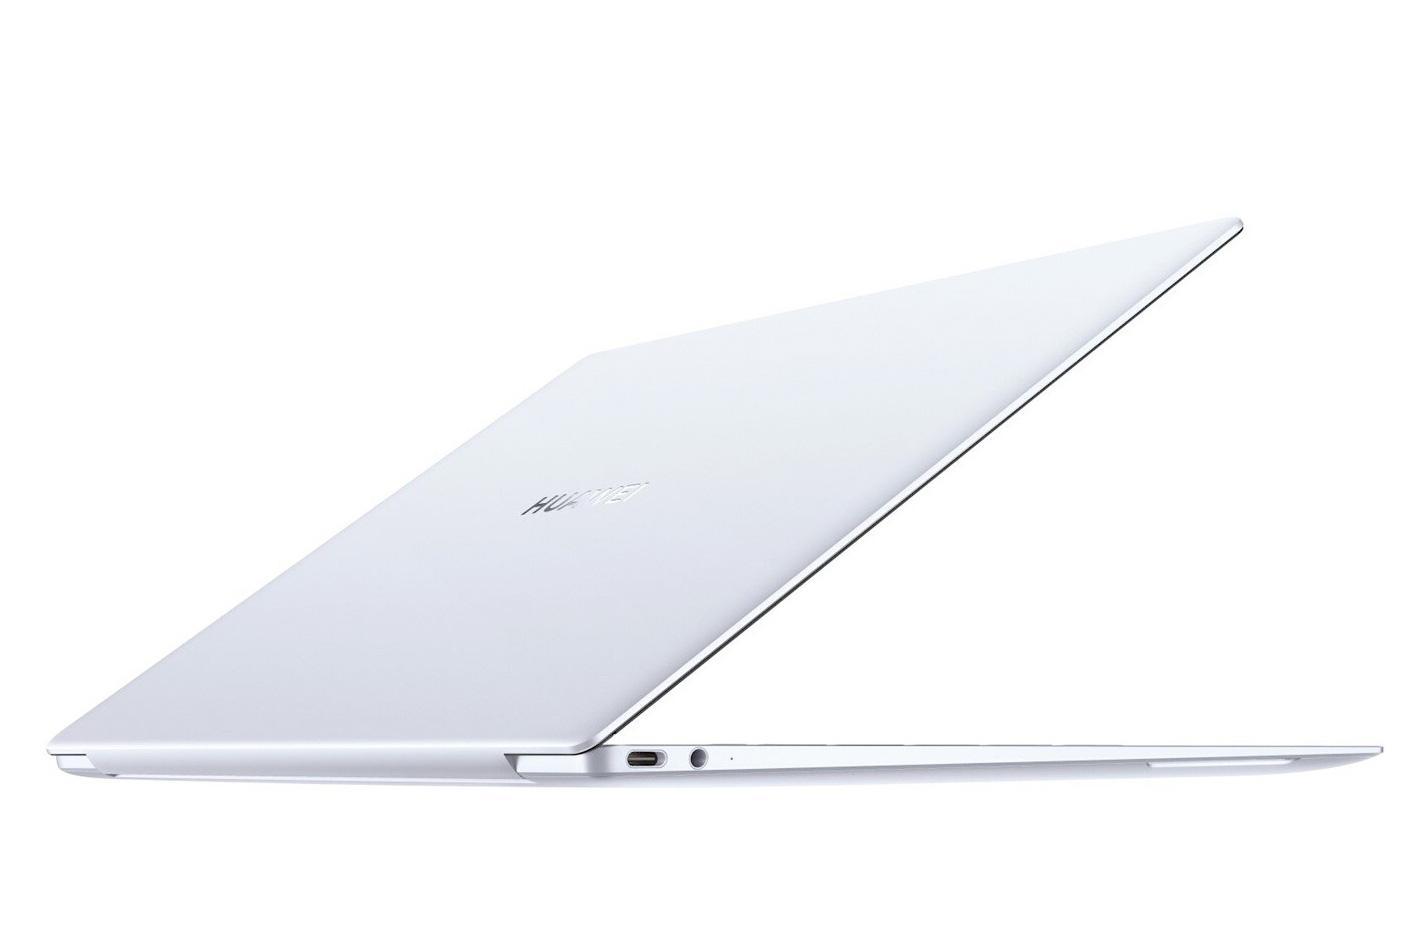 Ordinateur portable Huawei MateBook X 13 Argent - Tactile, Core i5, 16 Go, 512 Go - photo 4